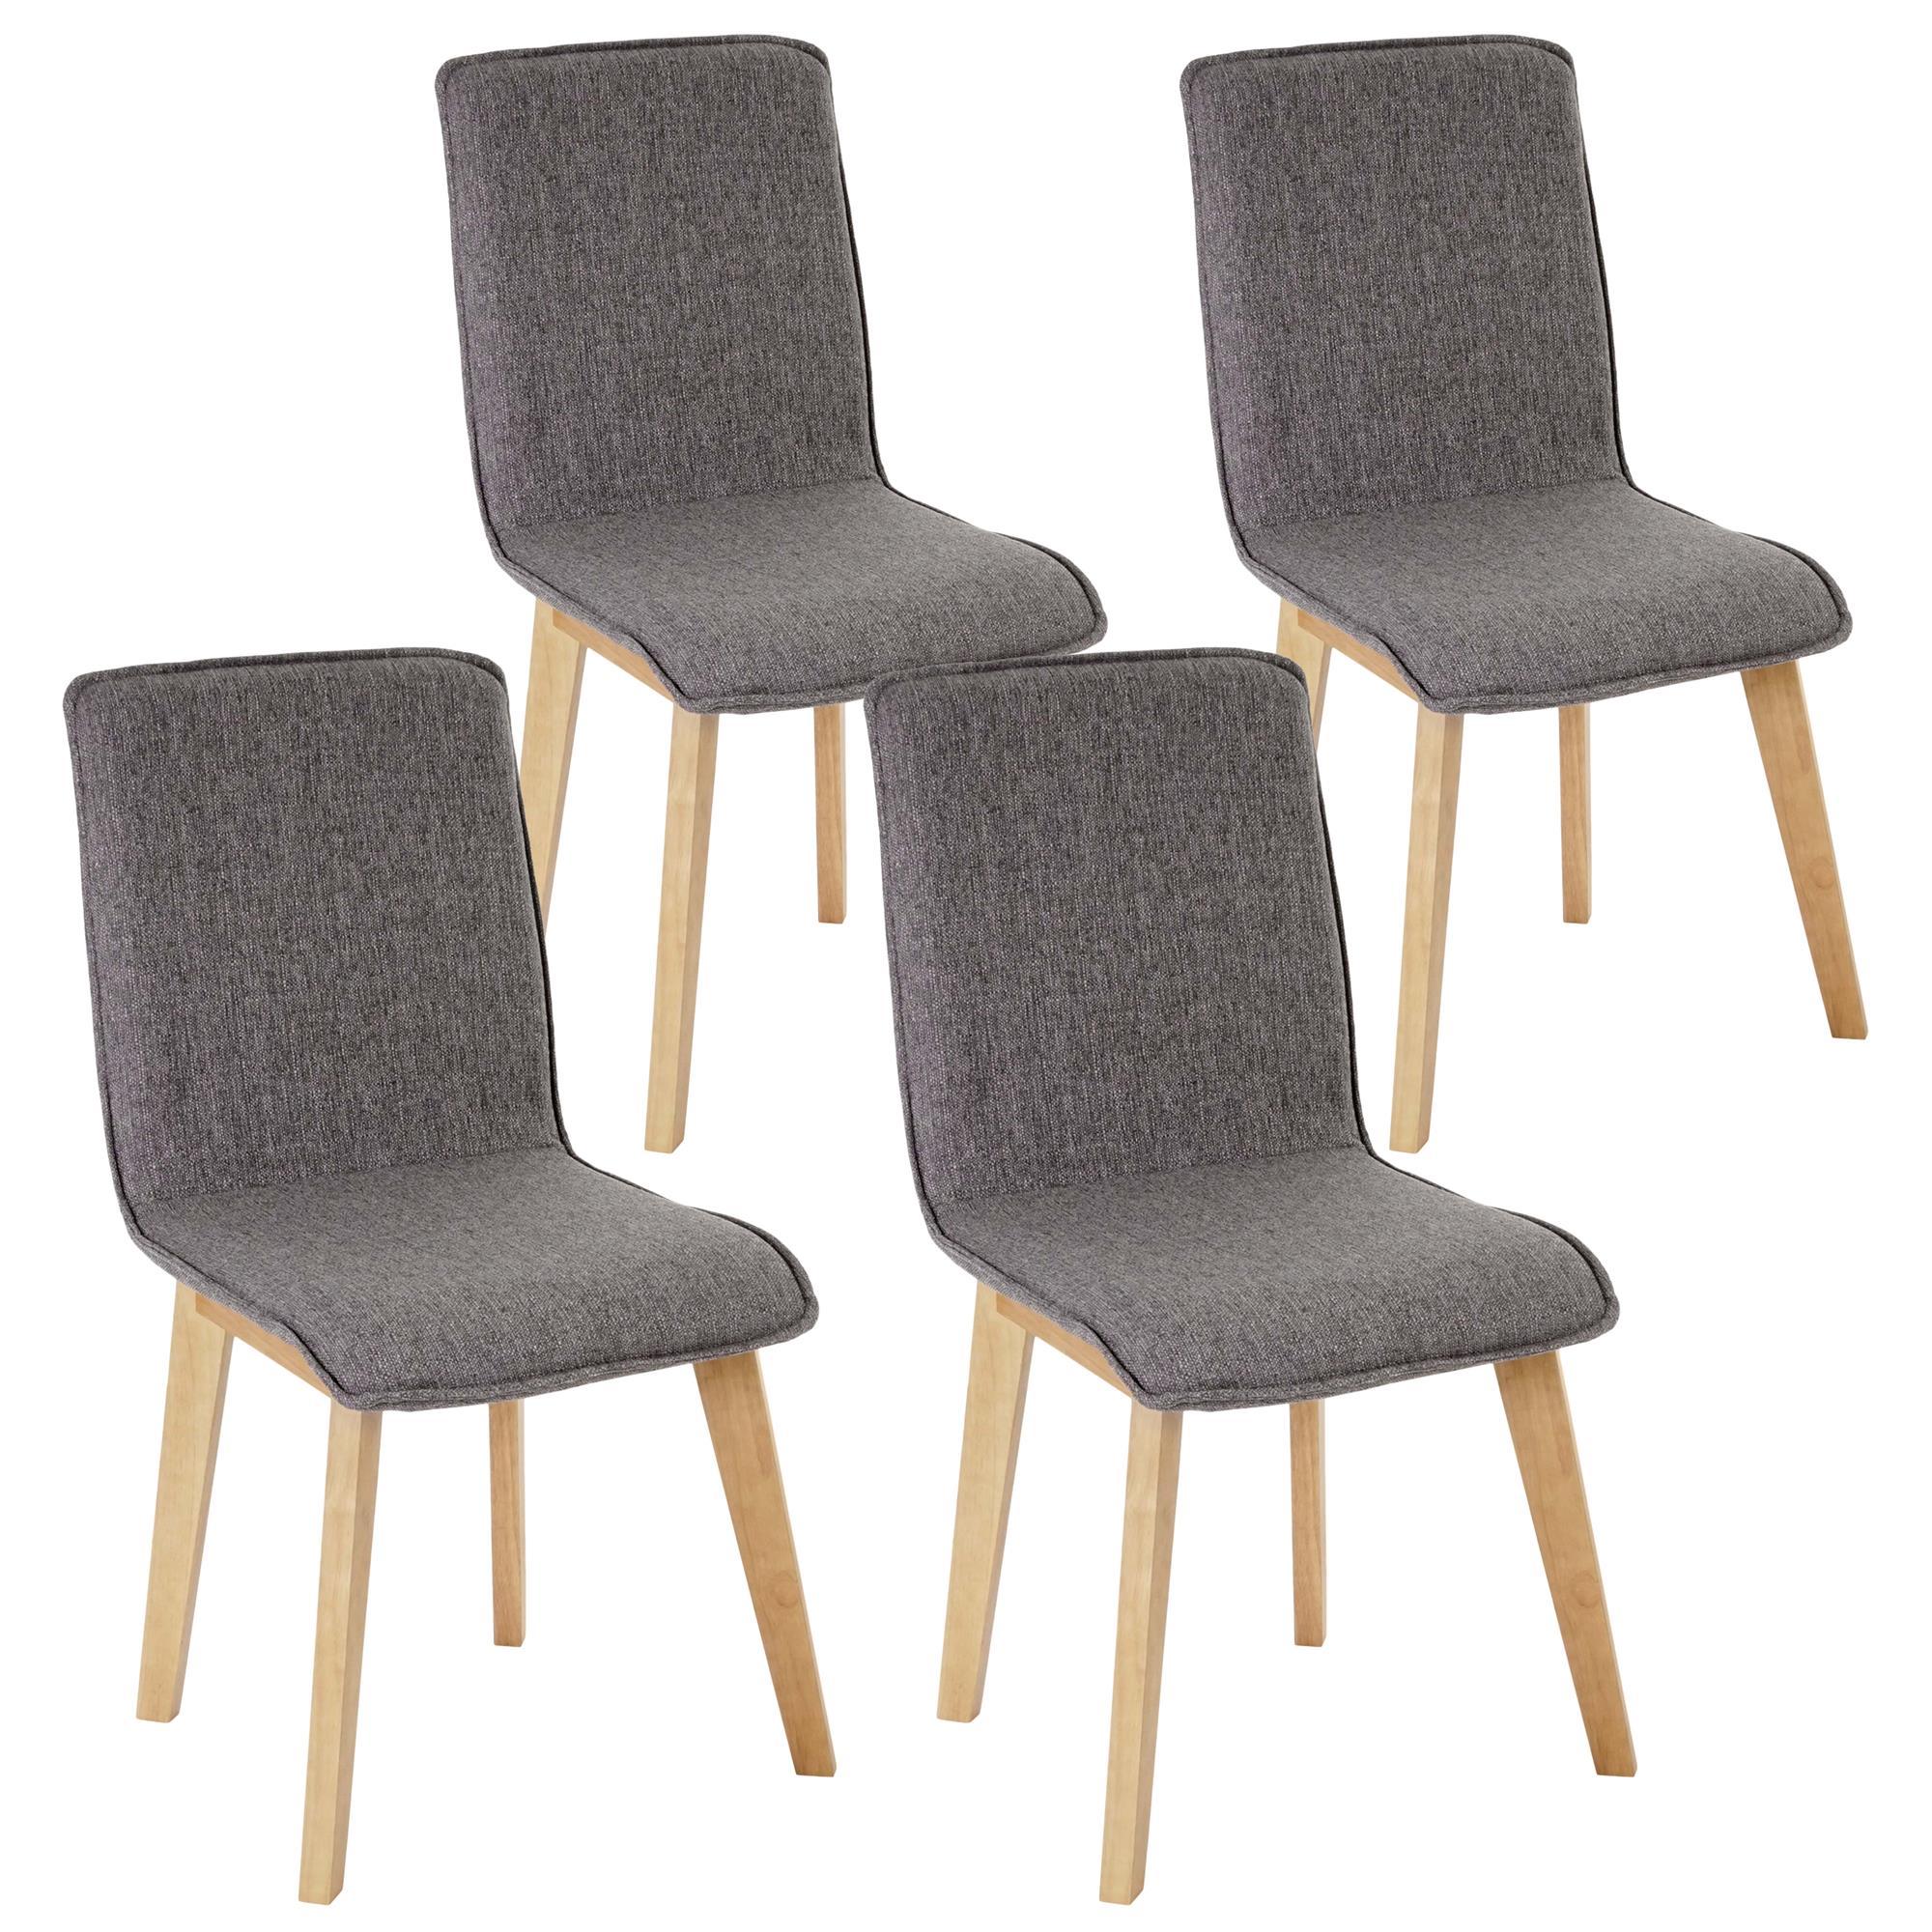 Lote 4 sillas de cocina o comedor ford en tela gris - Sillas madera cocina ...